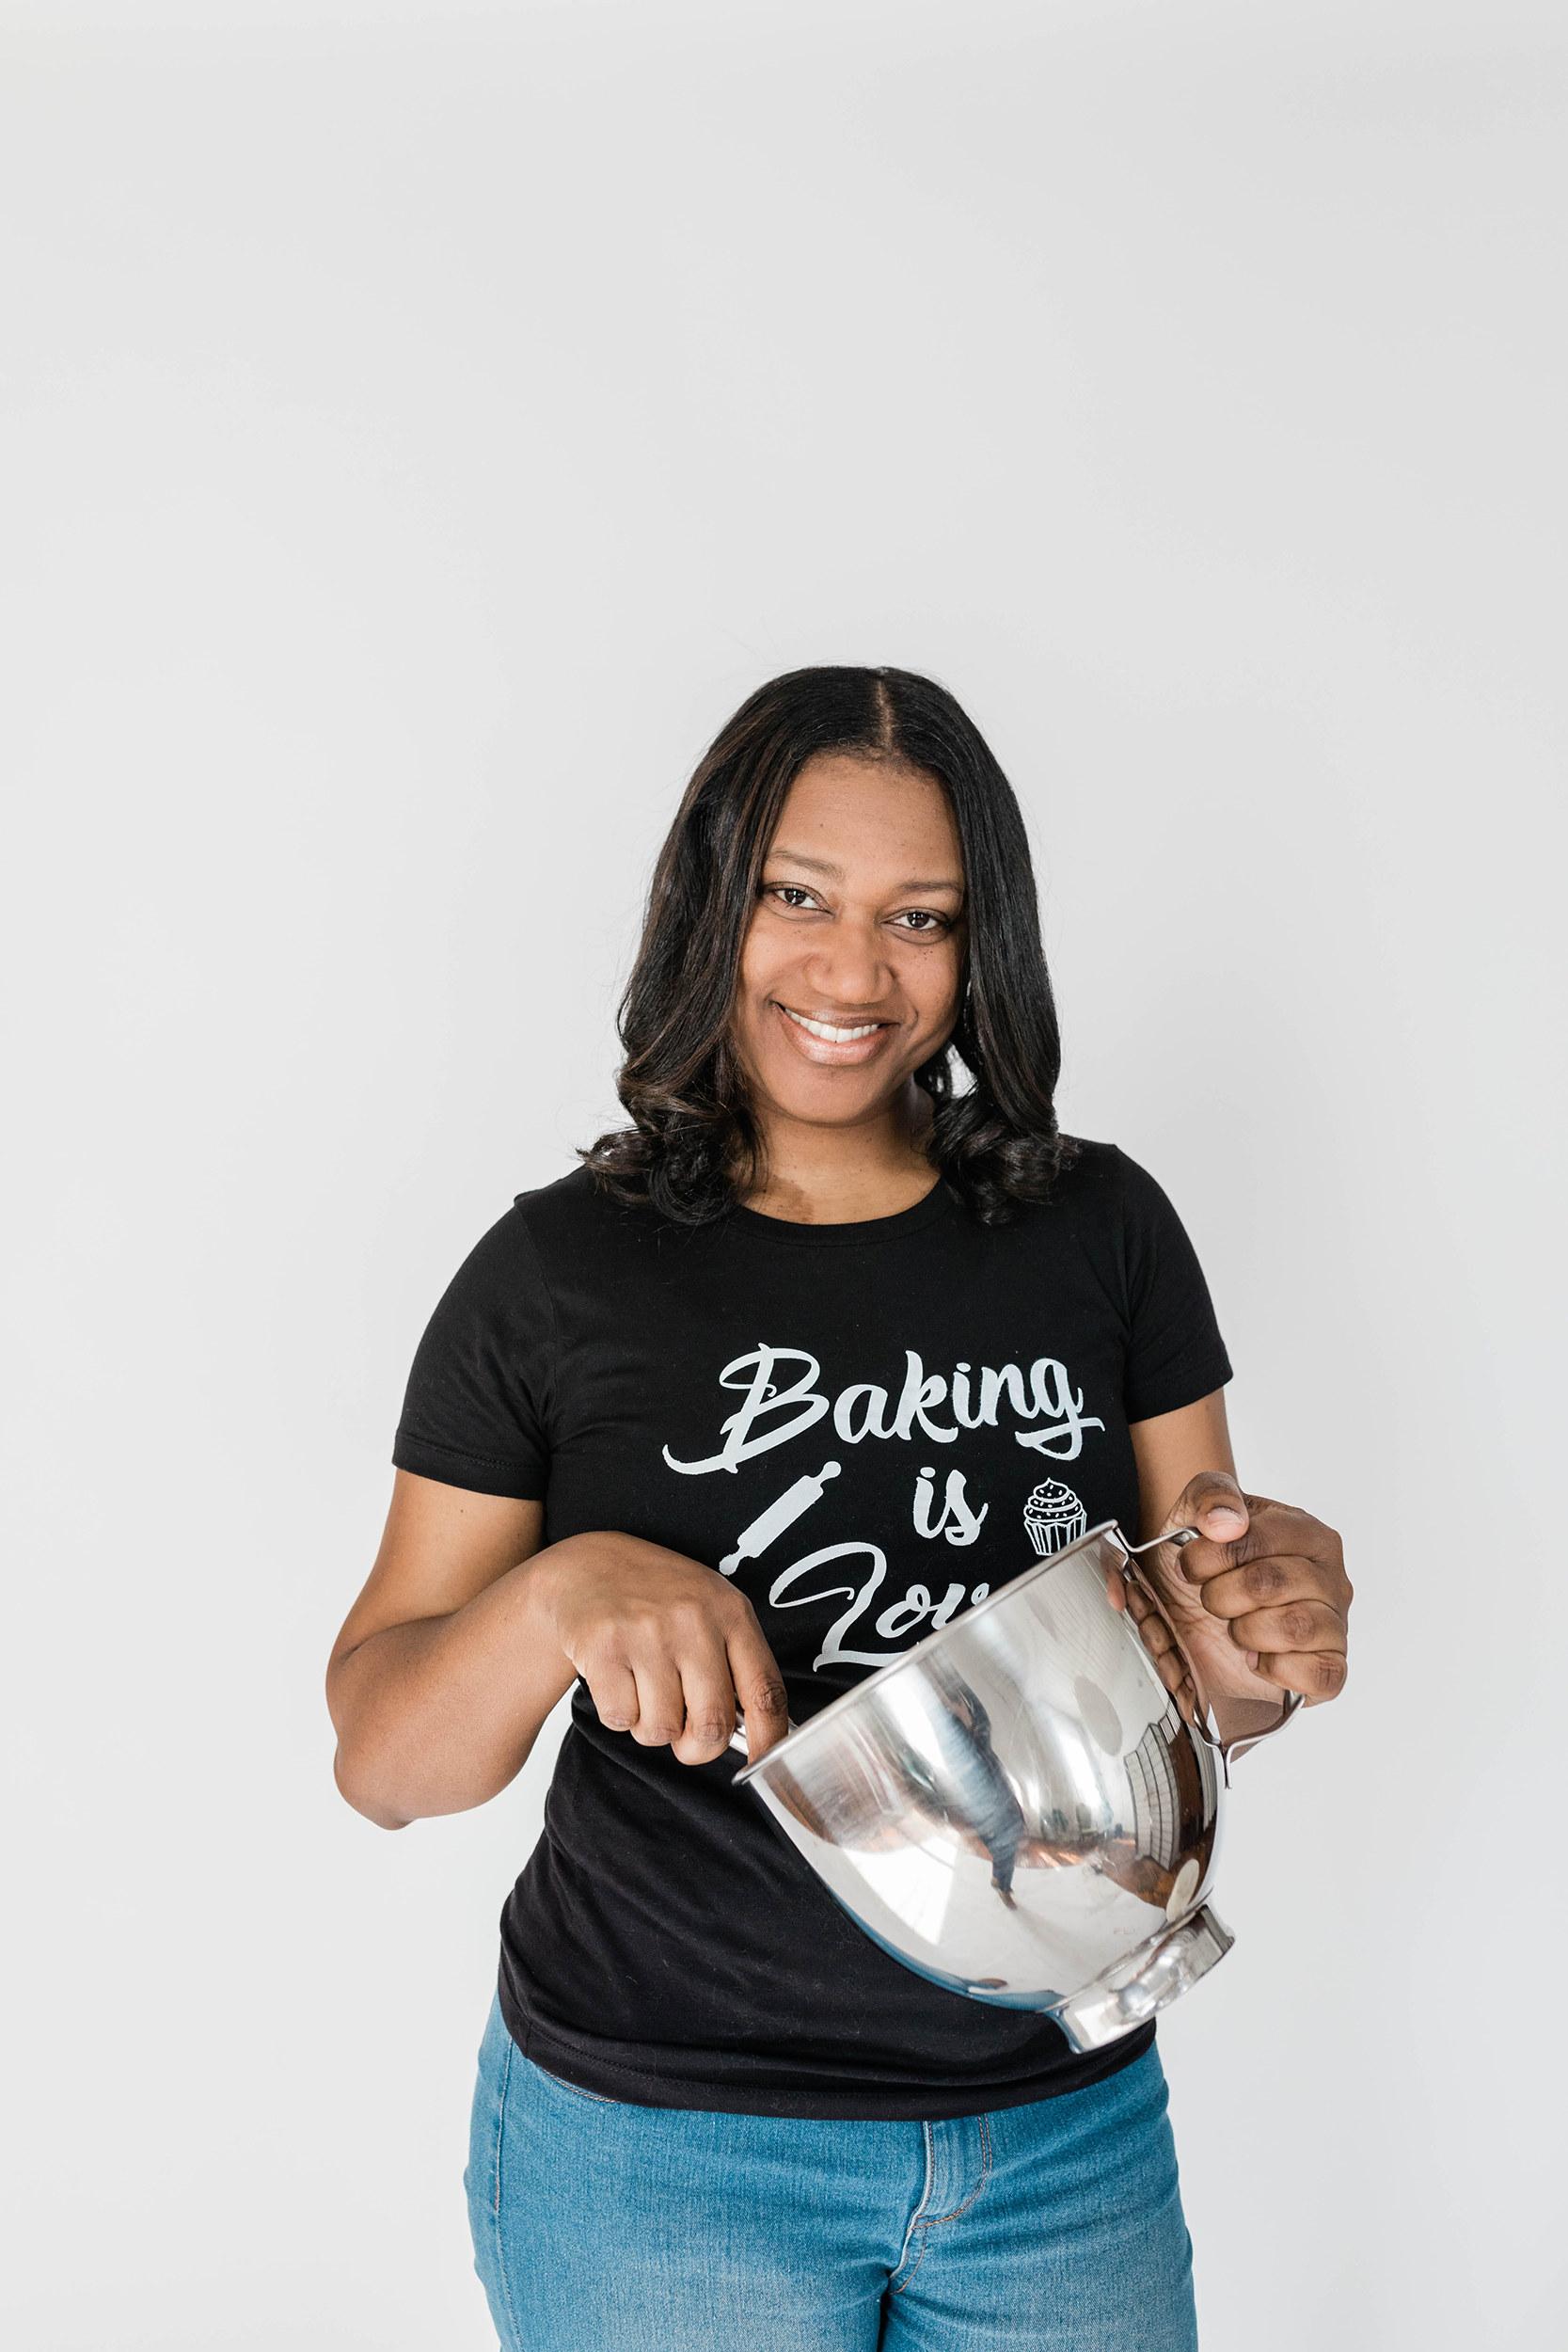 MeetElyse Bordes - Owner/Cake Designer